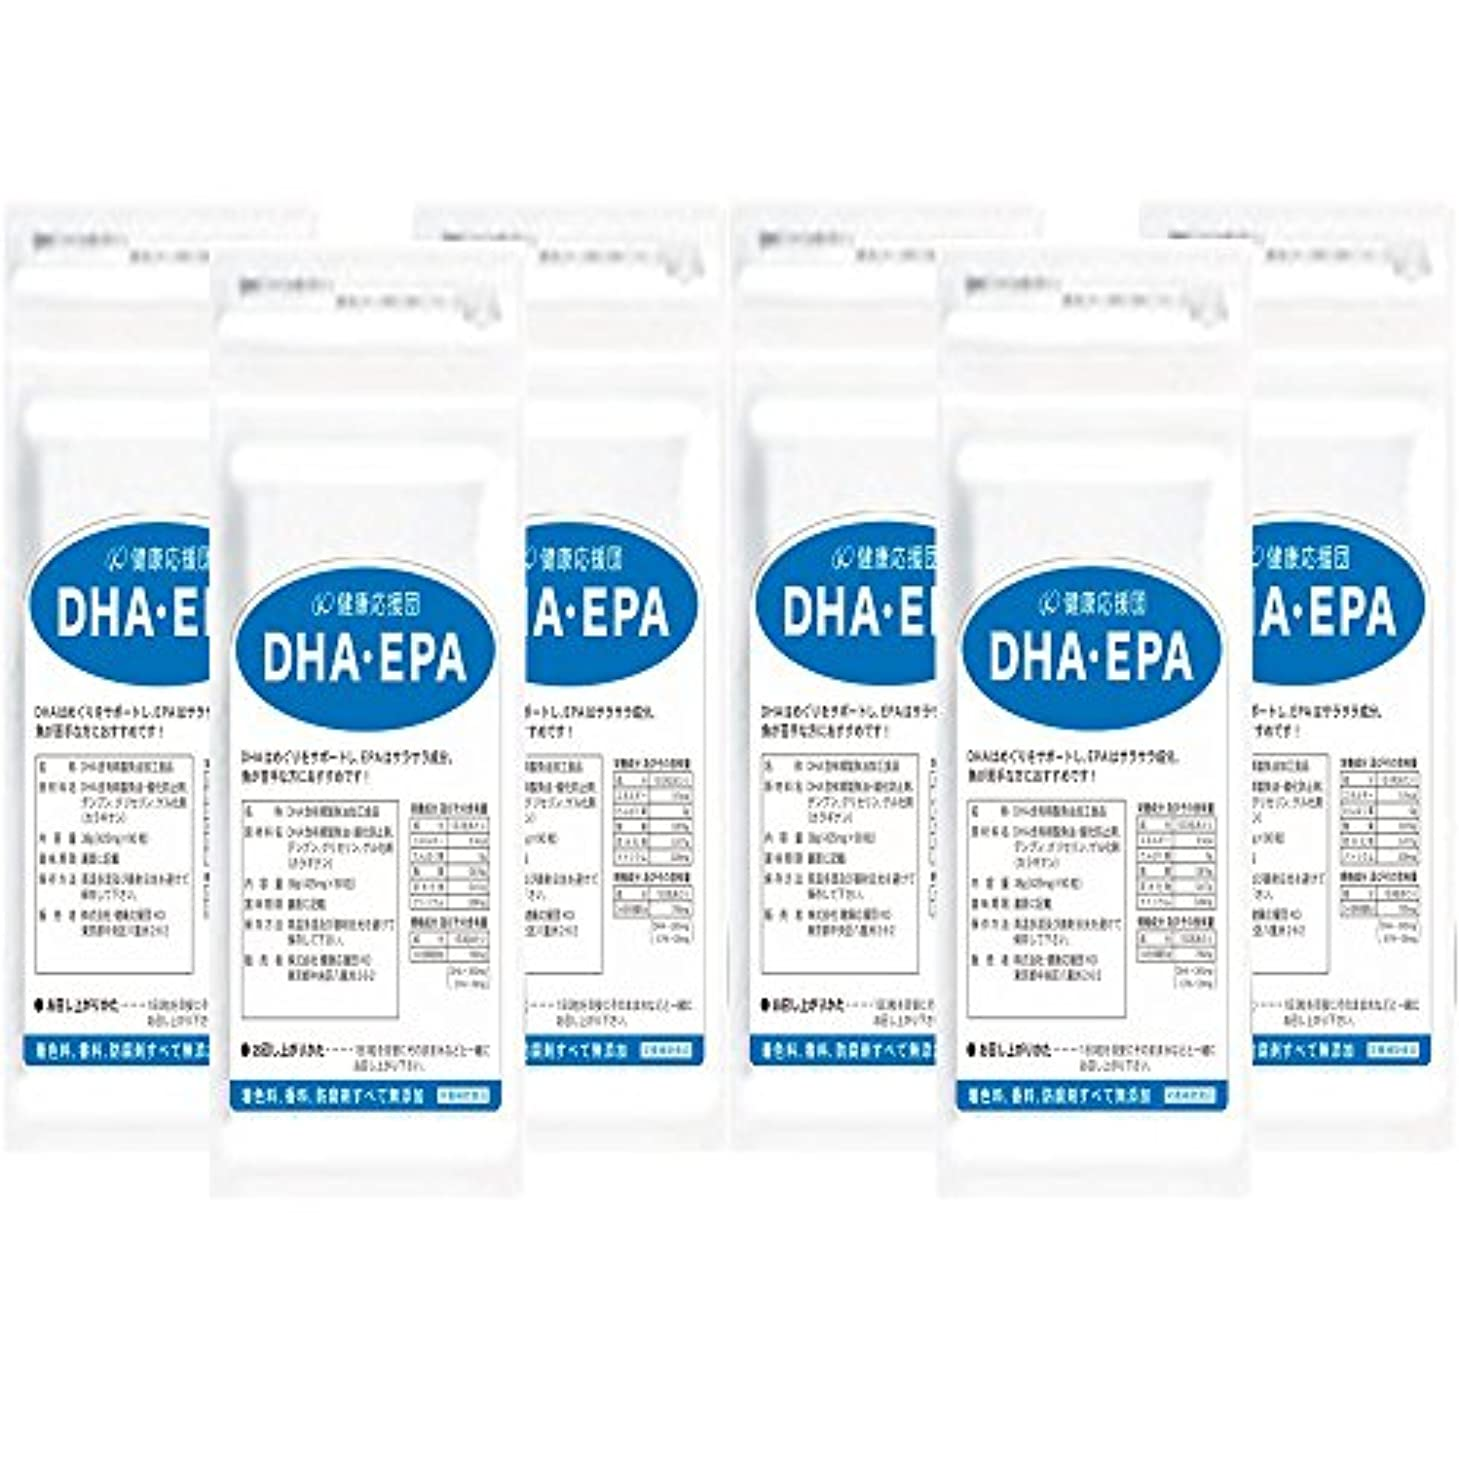 アカデミック水族館計画的DHA?EPA(約6か月)6袋540粒(植物性ソフトカプセル)